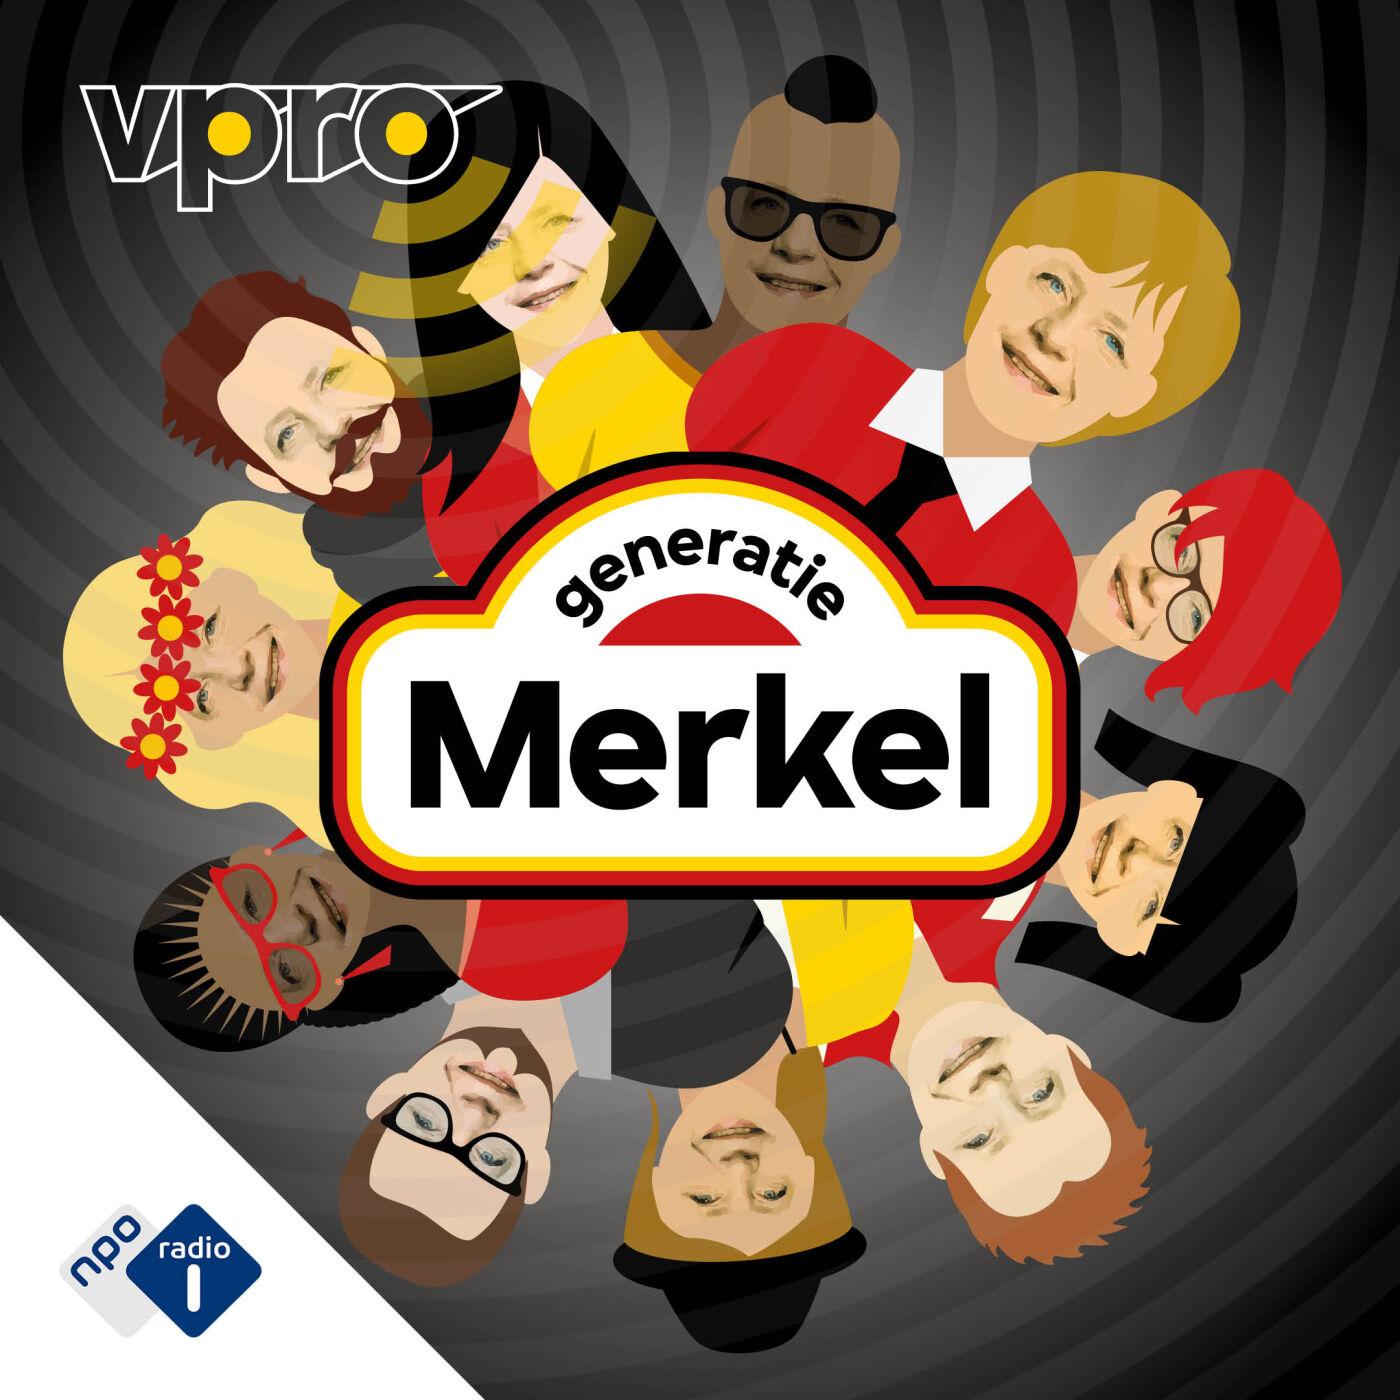 Generatie Merkel logo